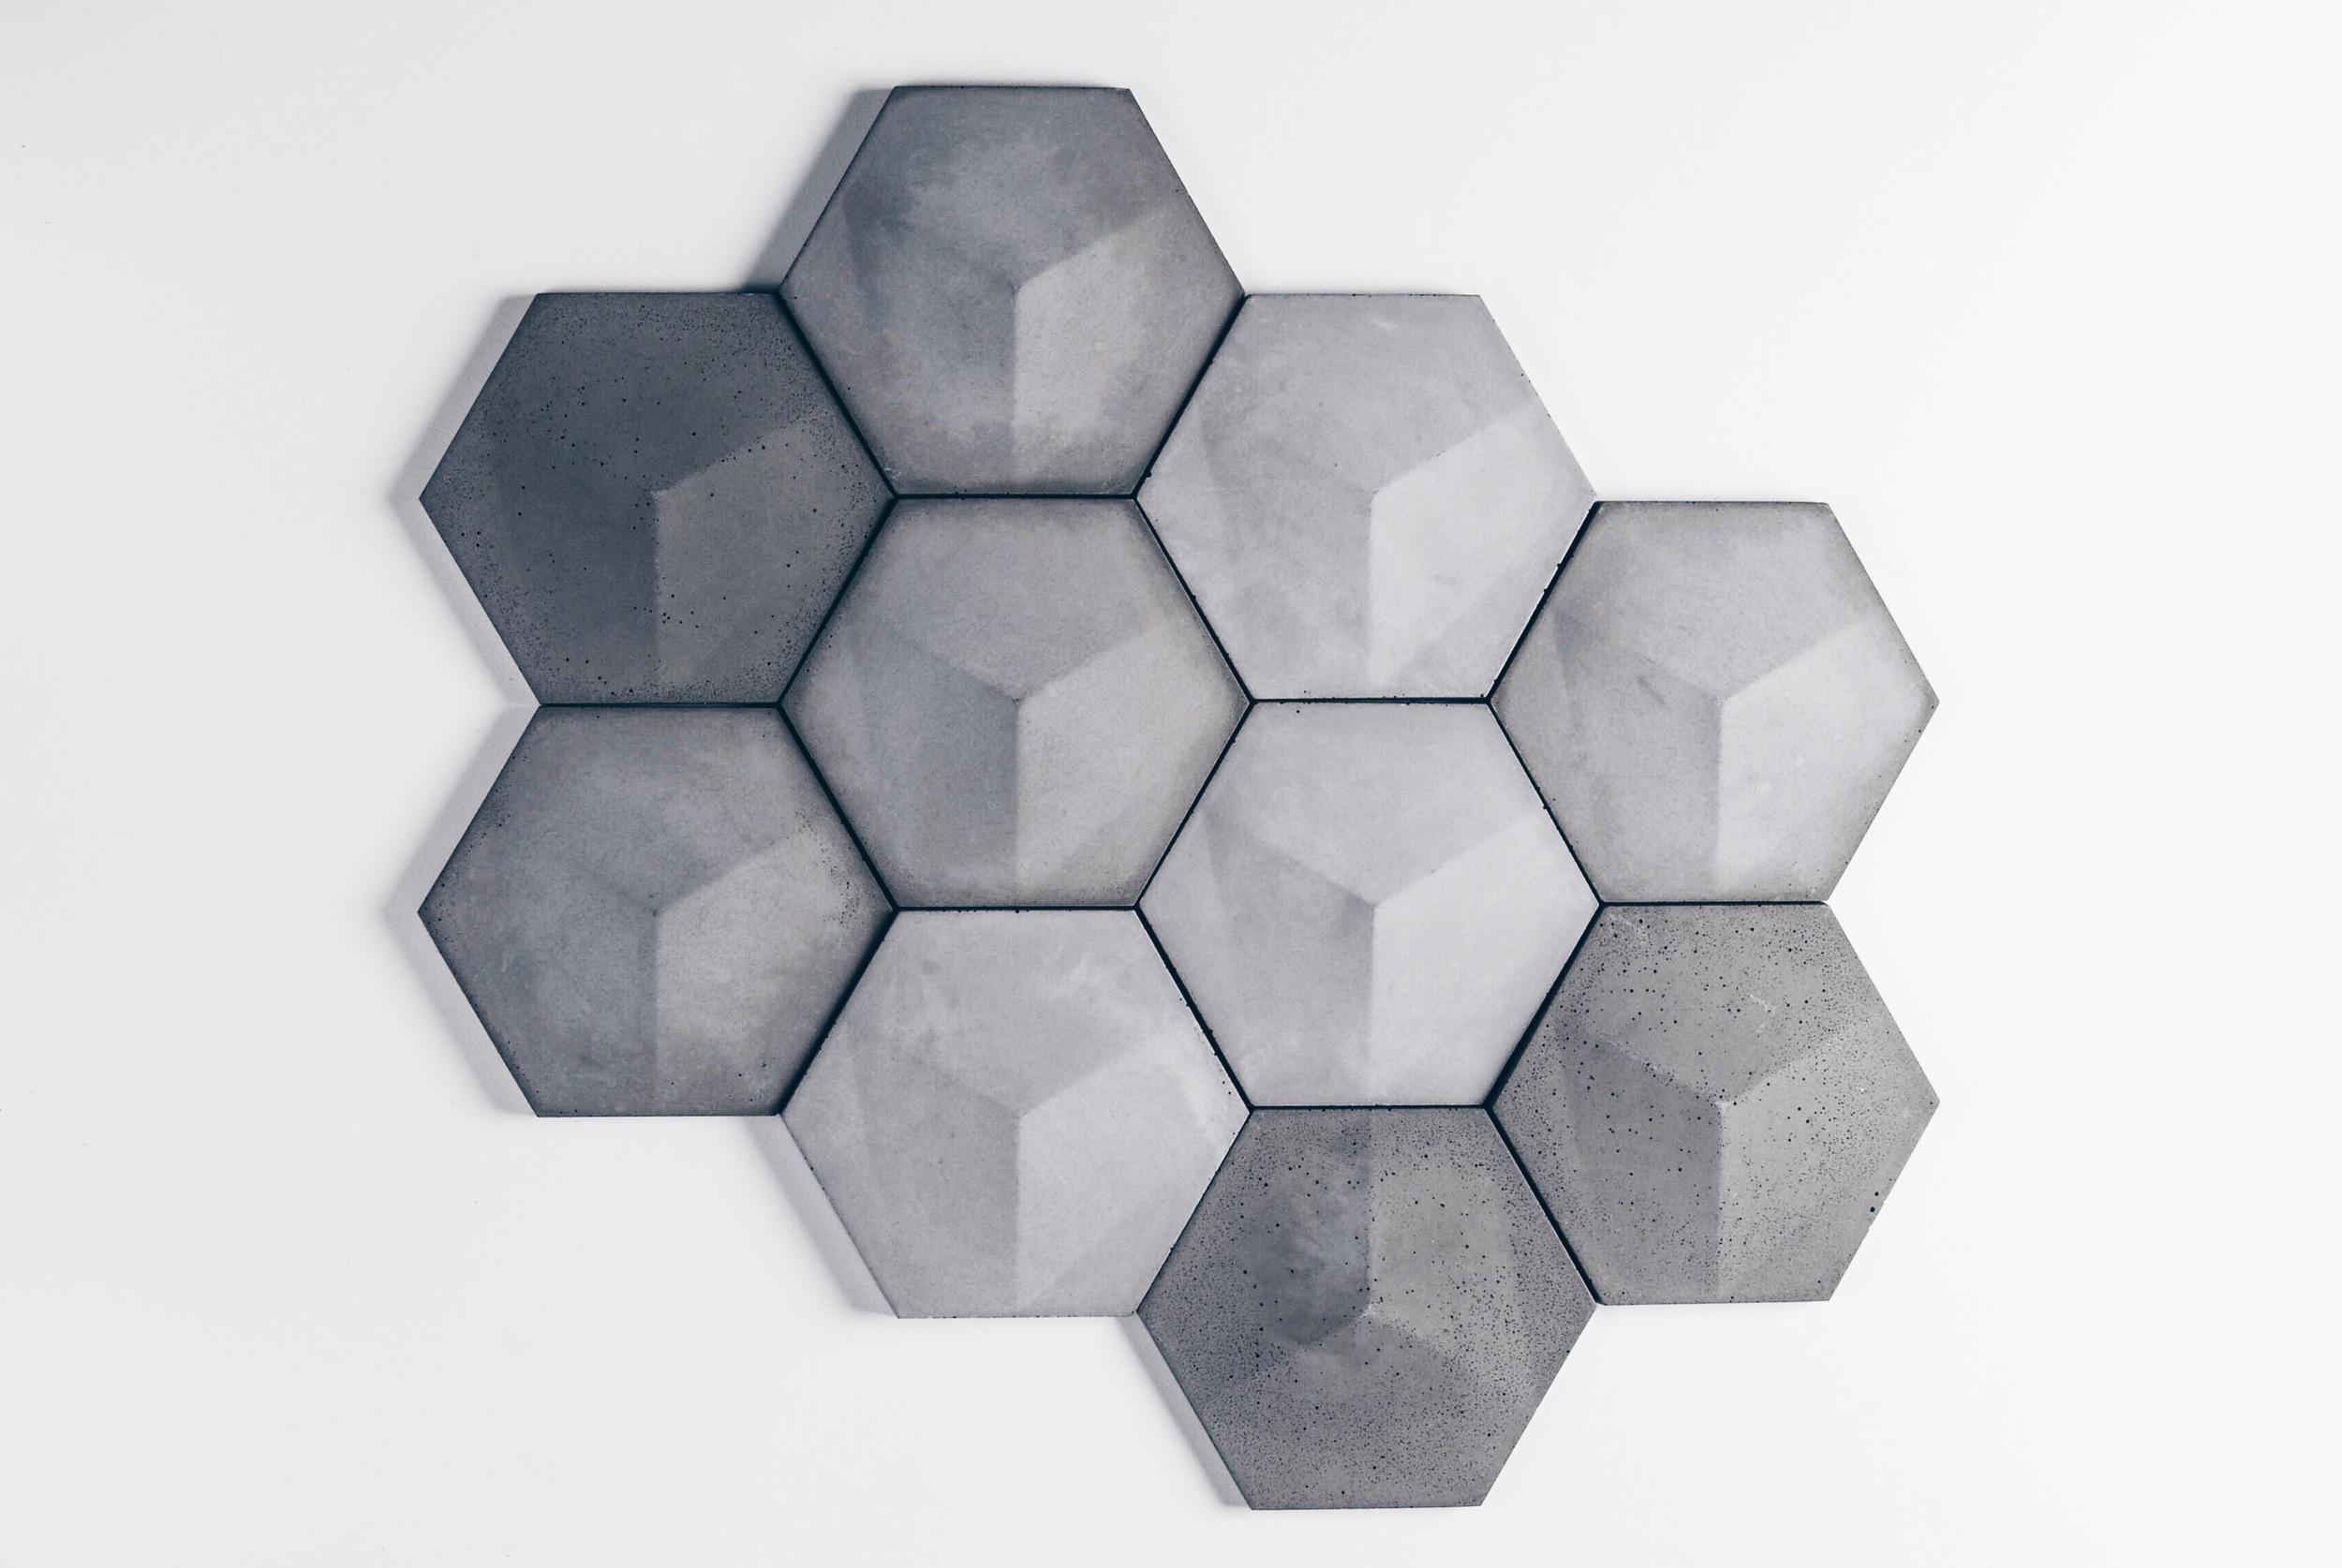 Subtilis Concrete Tile Mold